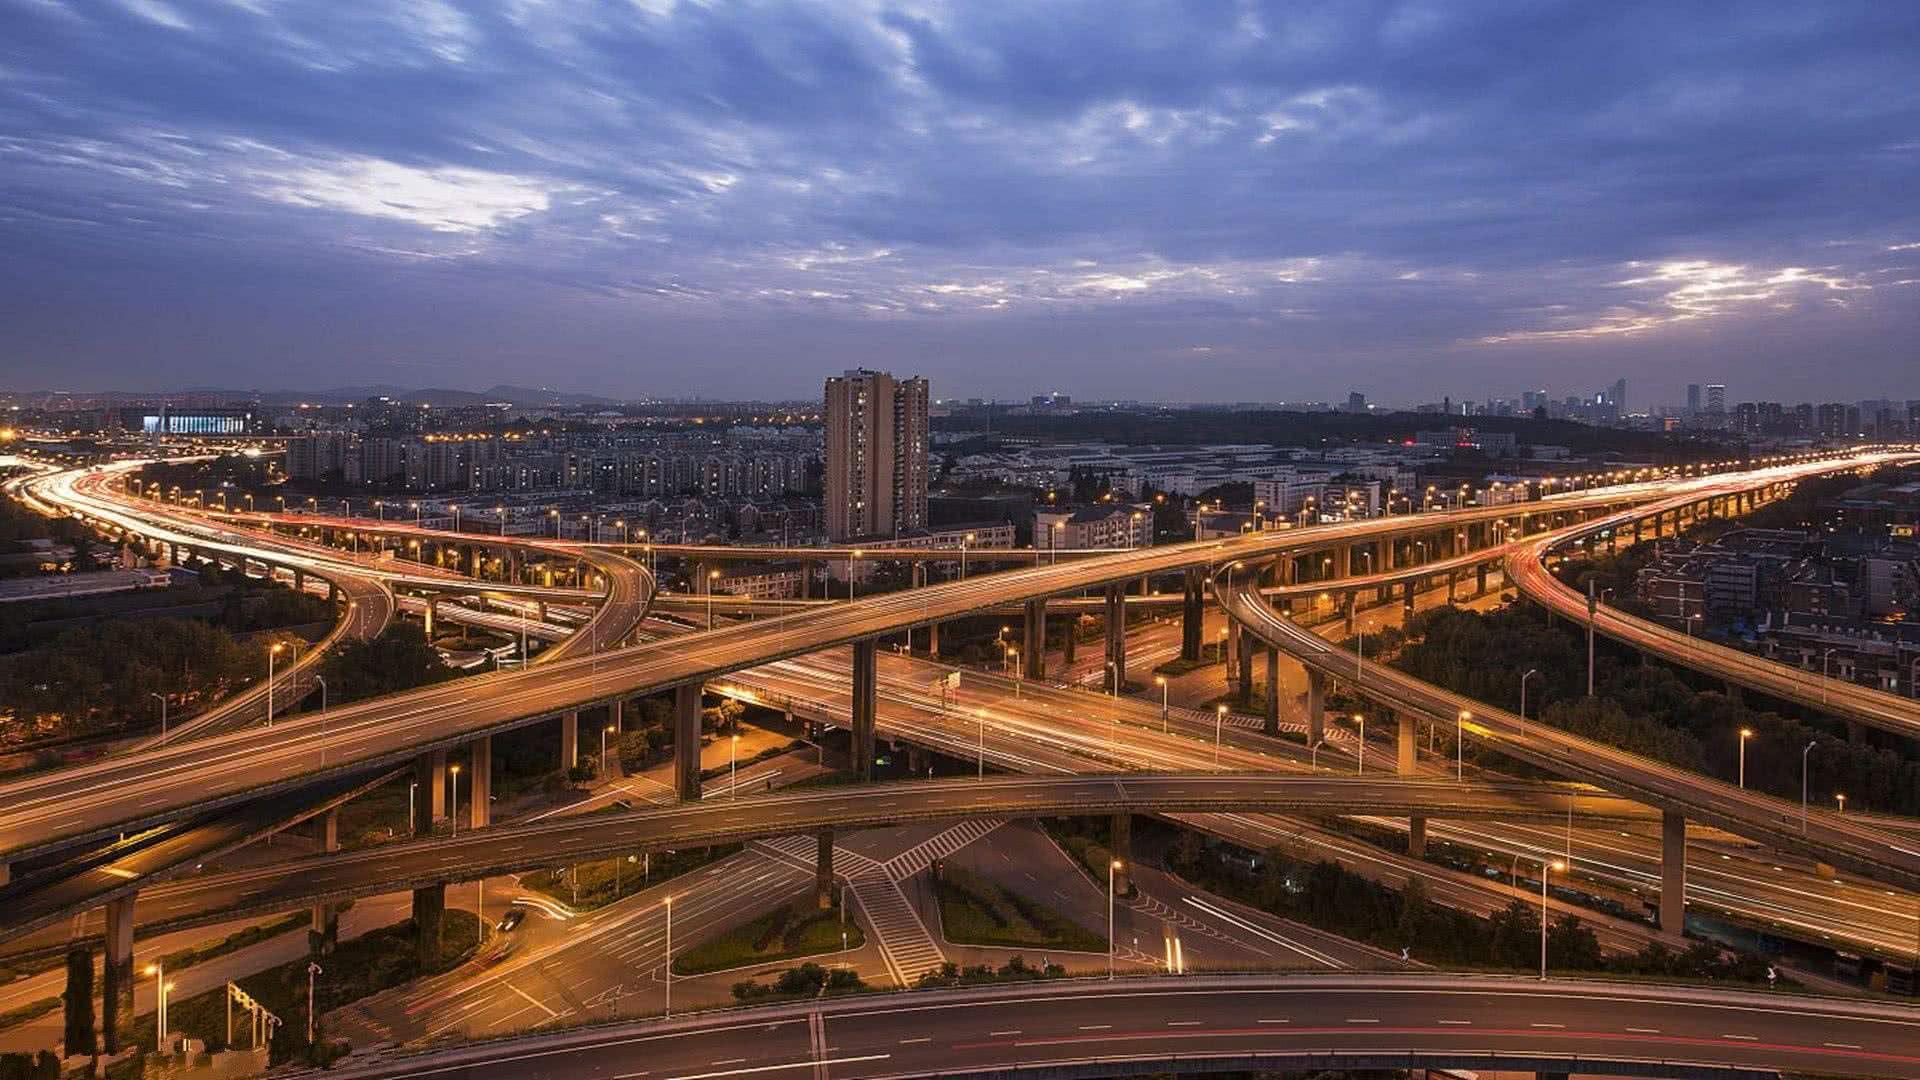 重启抢人!一线城市广州的反击,房地产和经济都获益